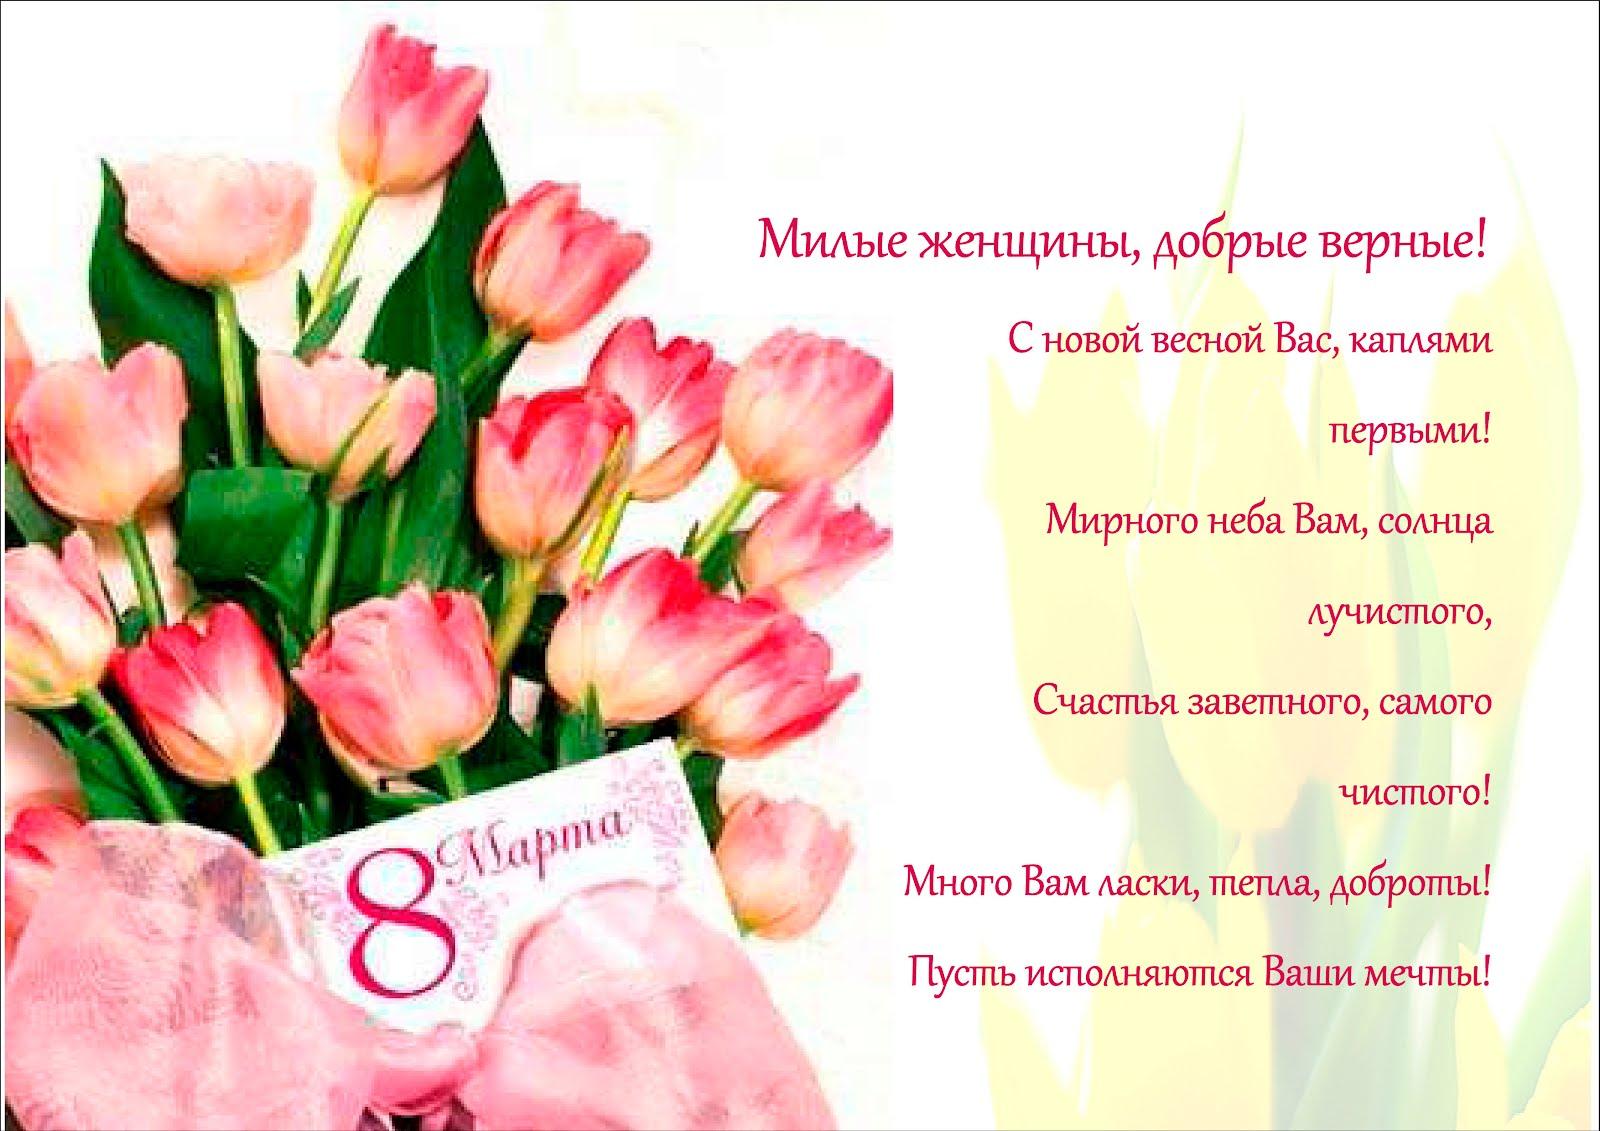 Поздравление на день рождения женщине от детей